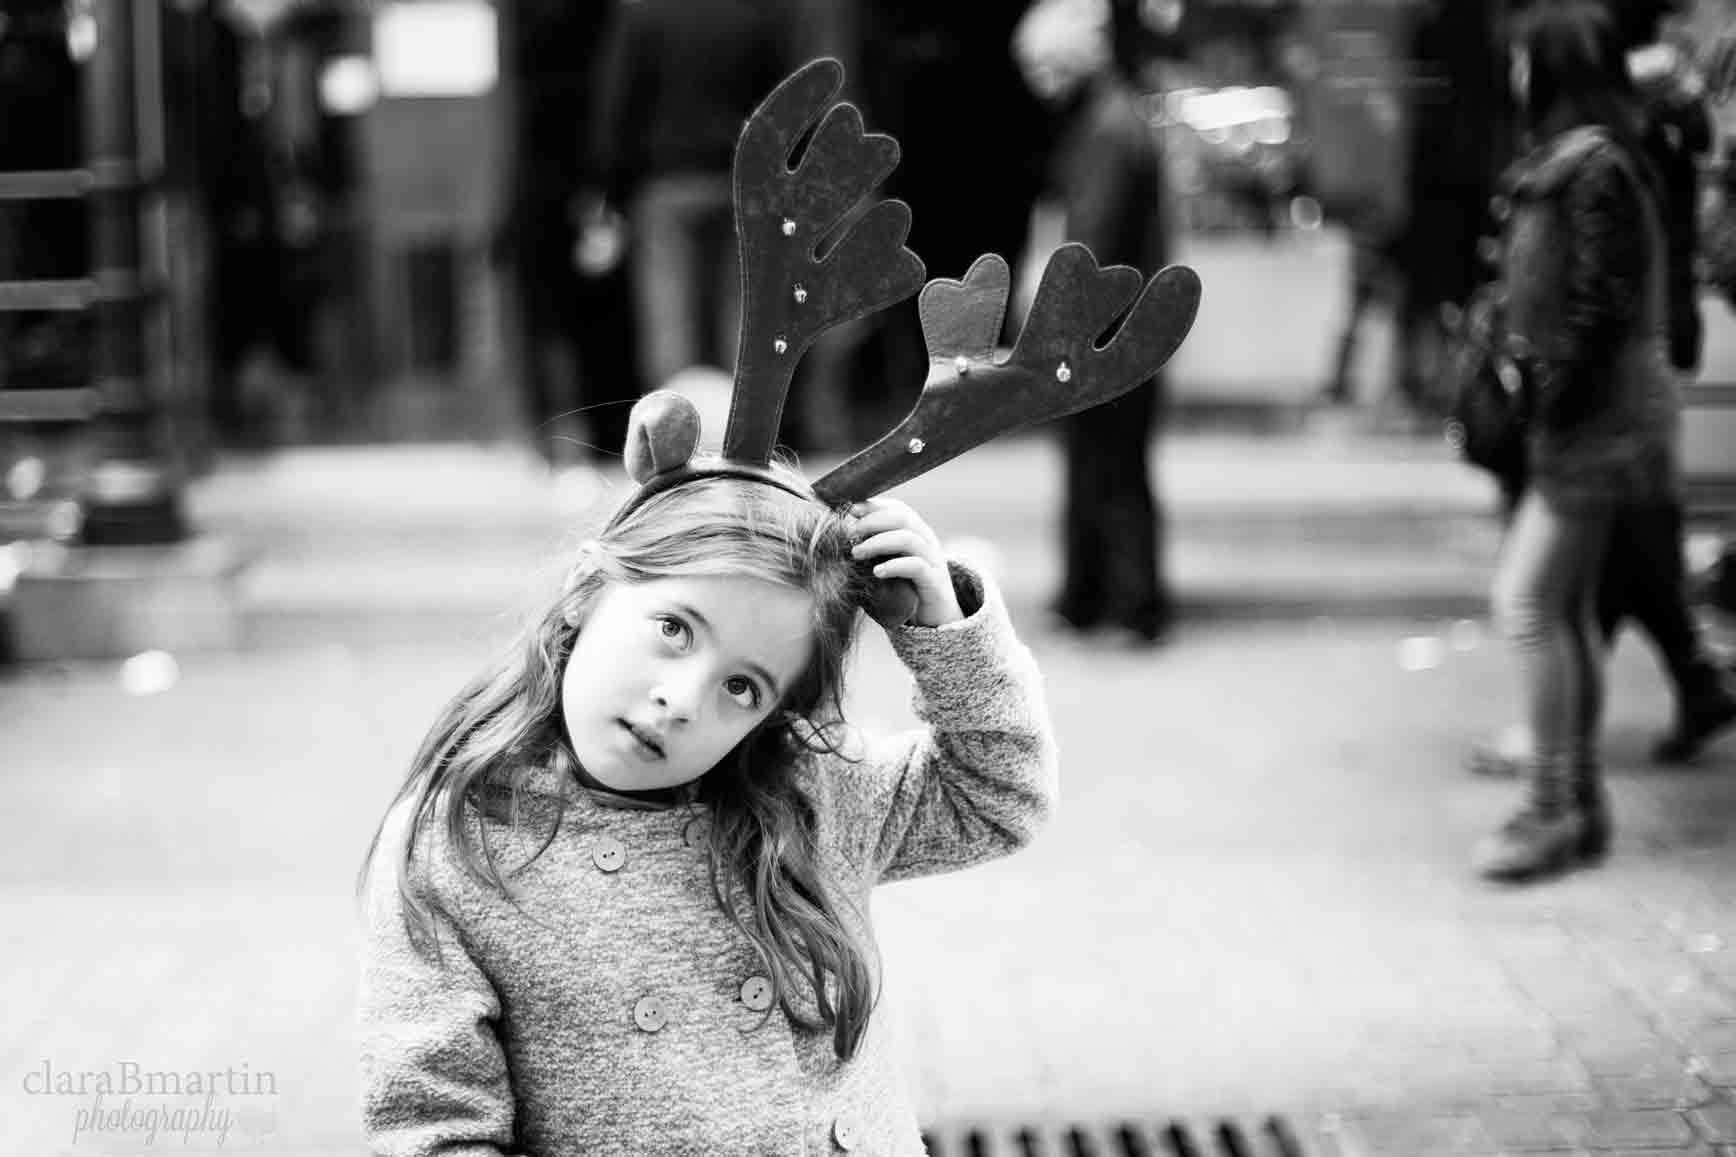 Navidad-en-Madrid-claraBmartin-12